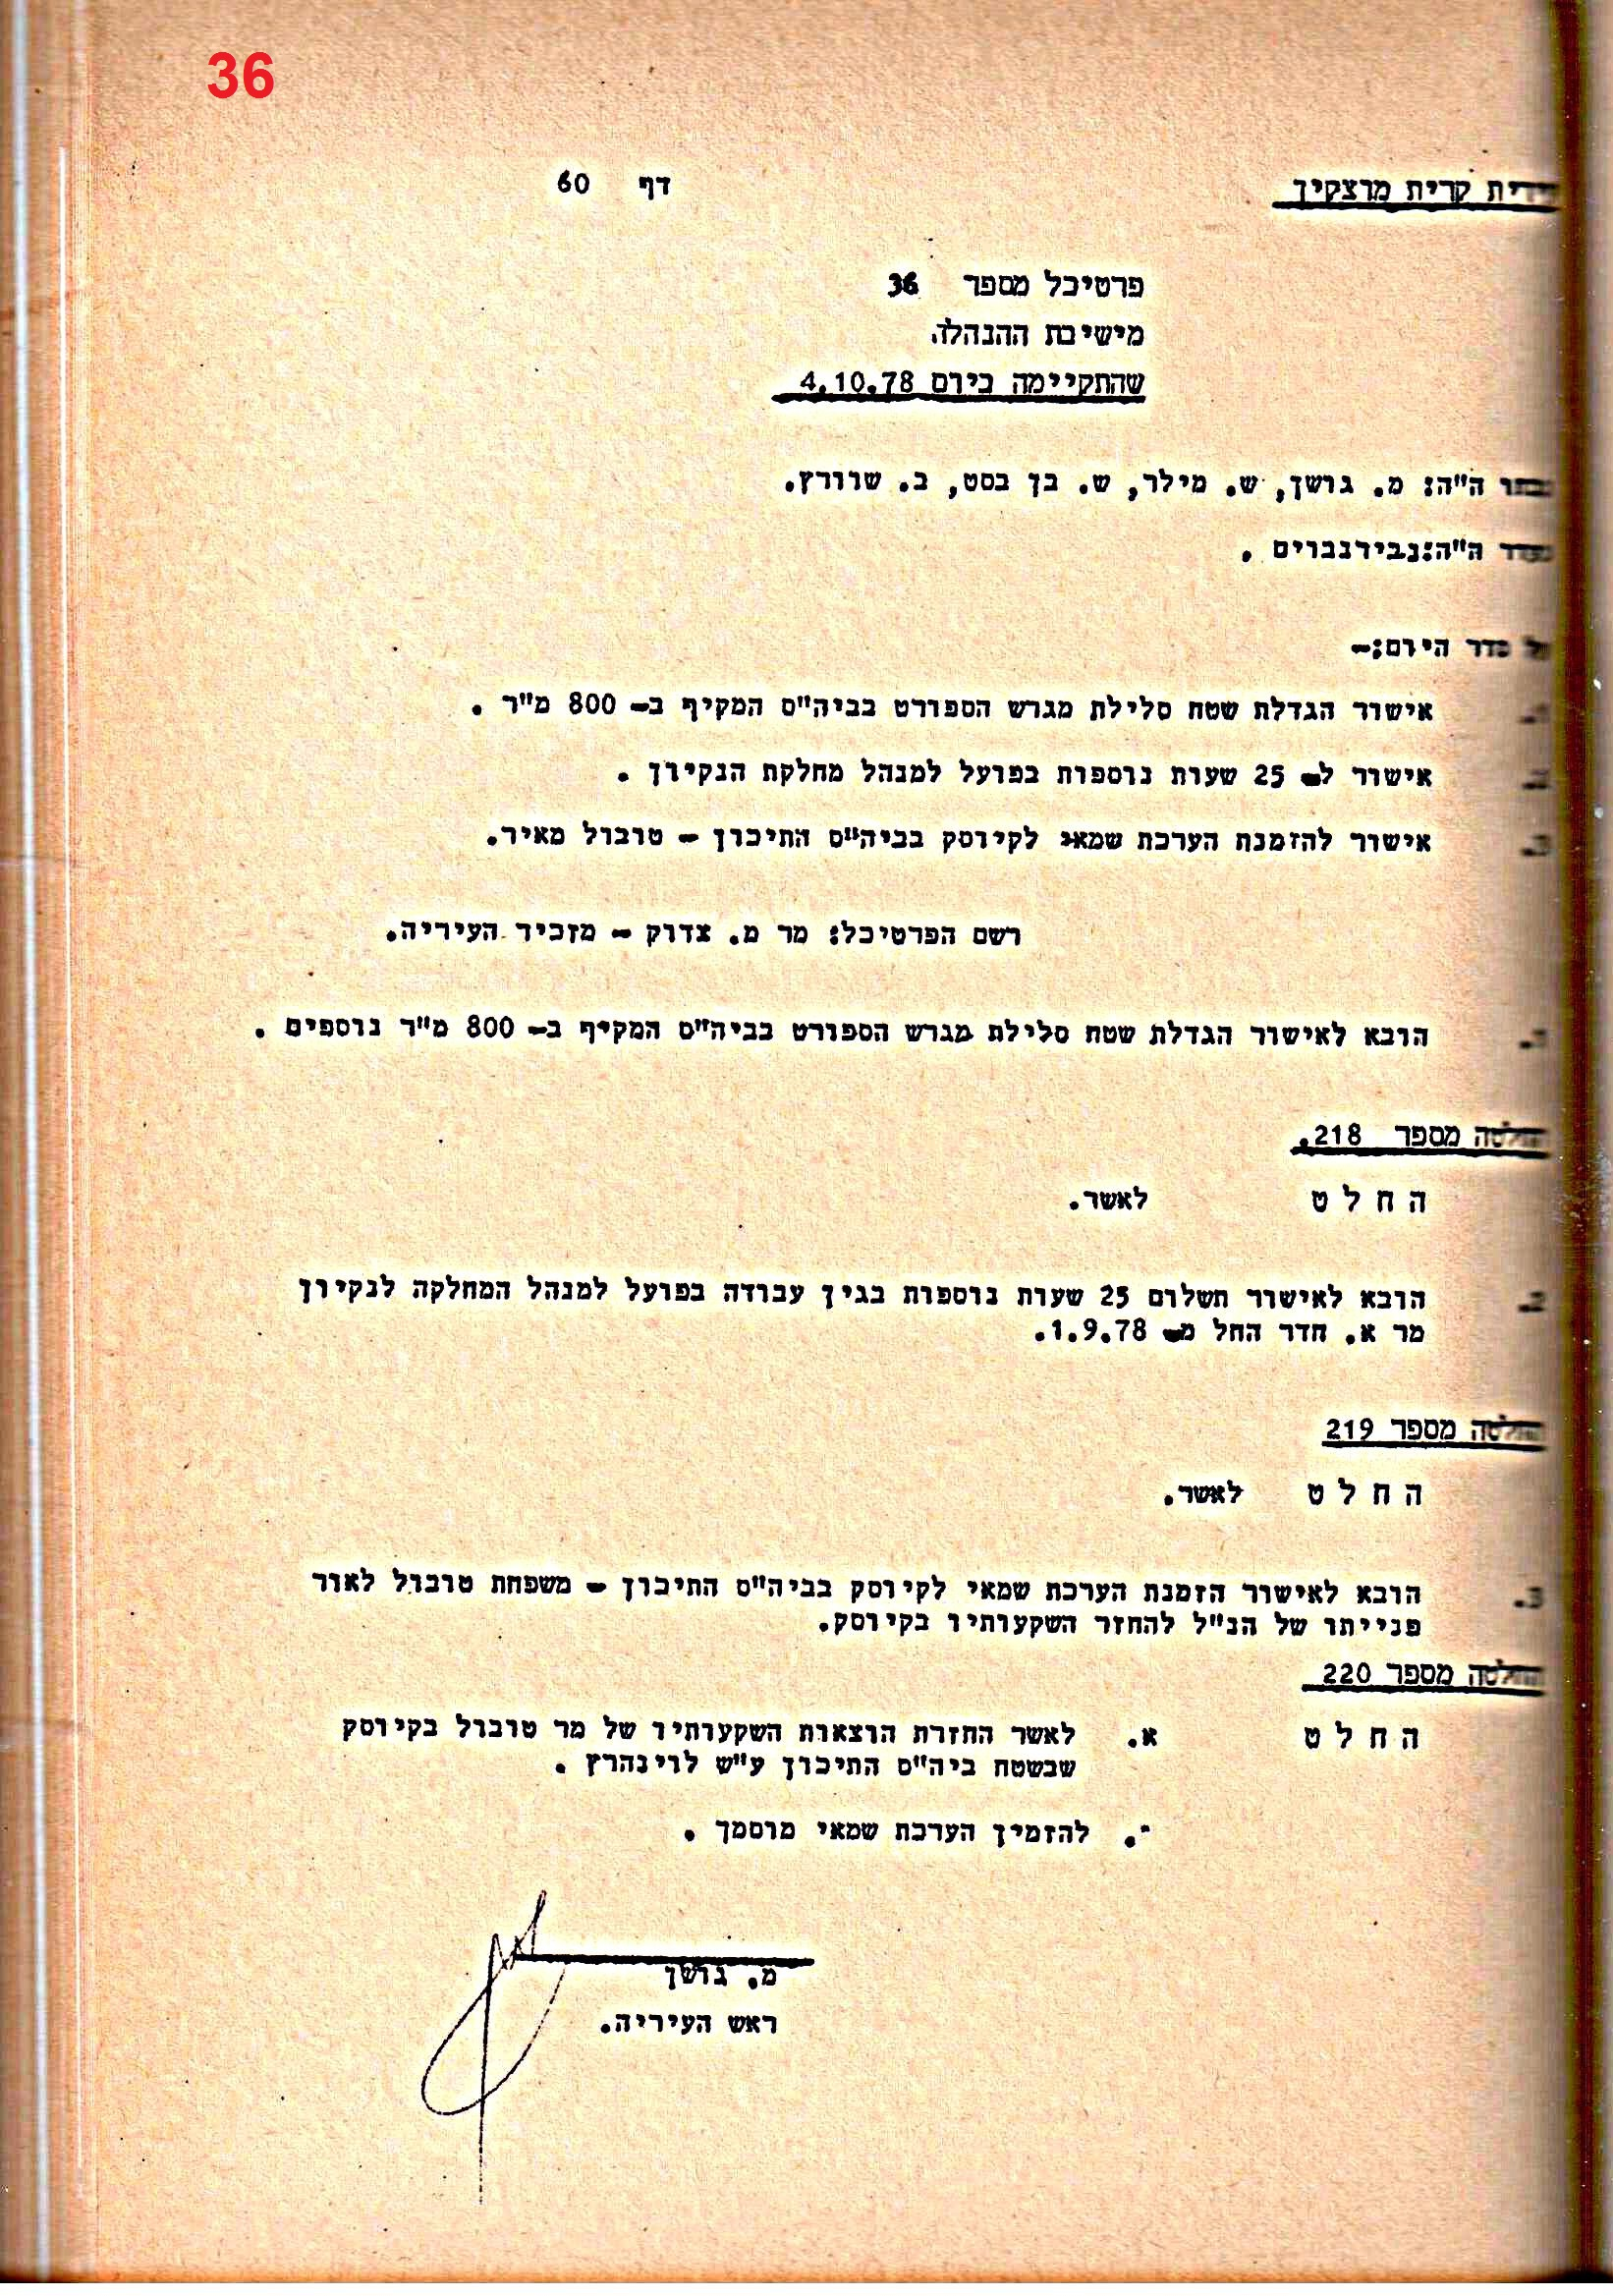 פרוטוקולים 15 – הנהלה – 19.10.83 – 23.8.76 by riki deri - Illustrated by  מוזיאון בית גרושקביץ / כרך 15 - Ourboox.com